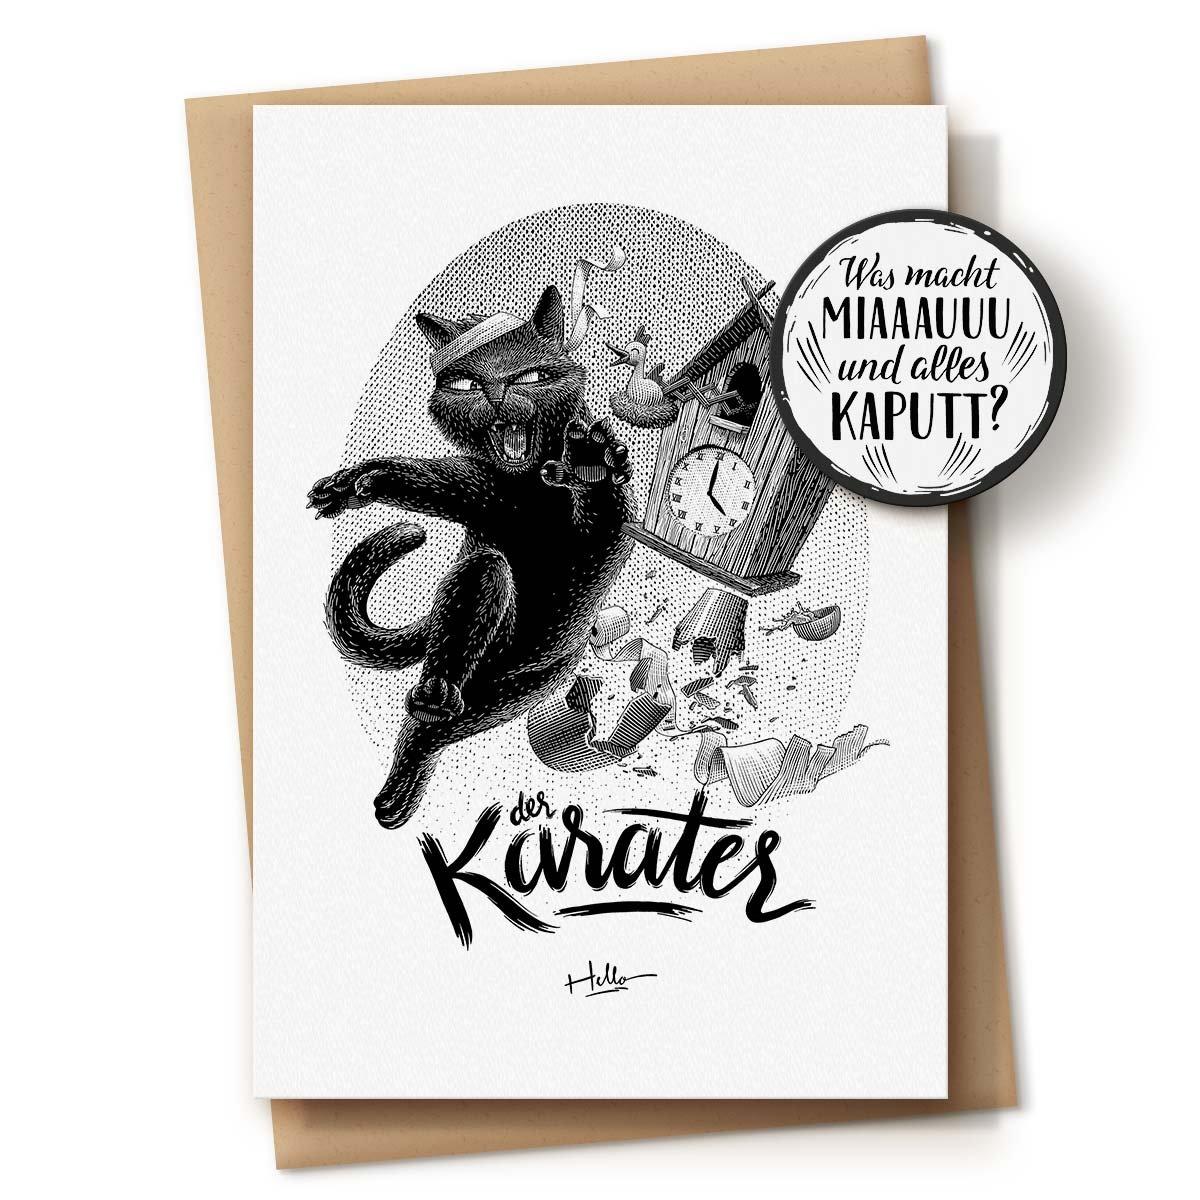 Image of Der Karater